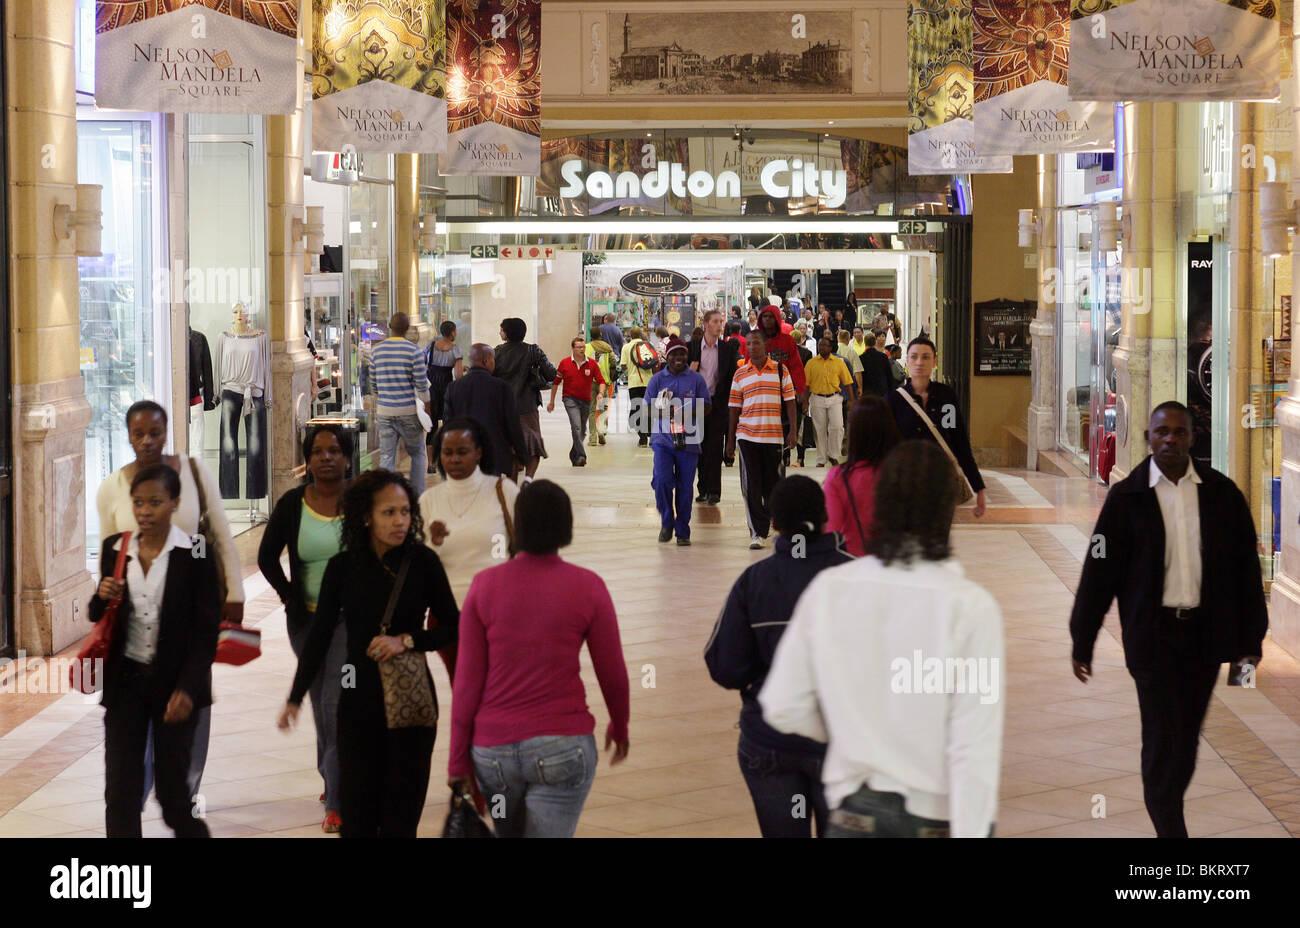 Sandton City Hotel di lusso e il complesso Shopping di Sandton, sobborgo di Johannesburg, Sud Africa Immagini Stock